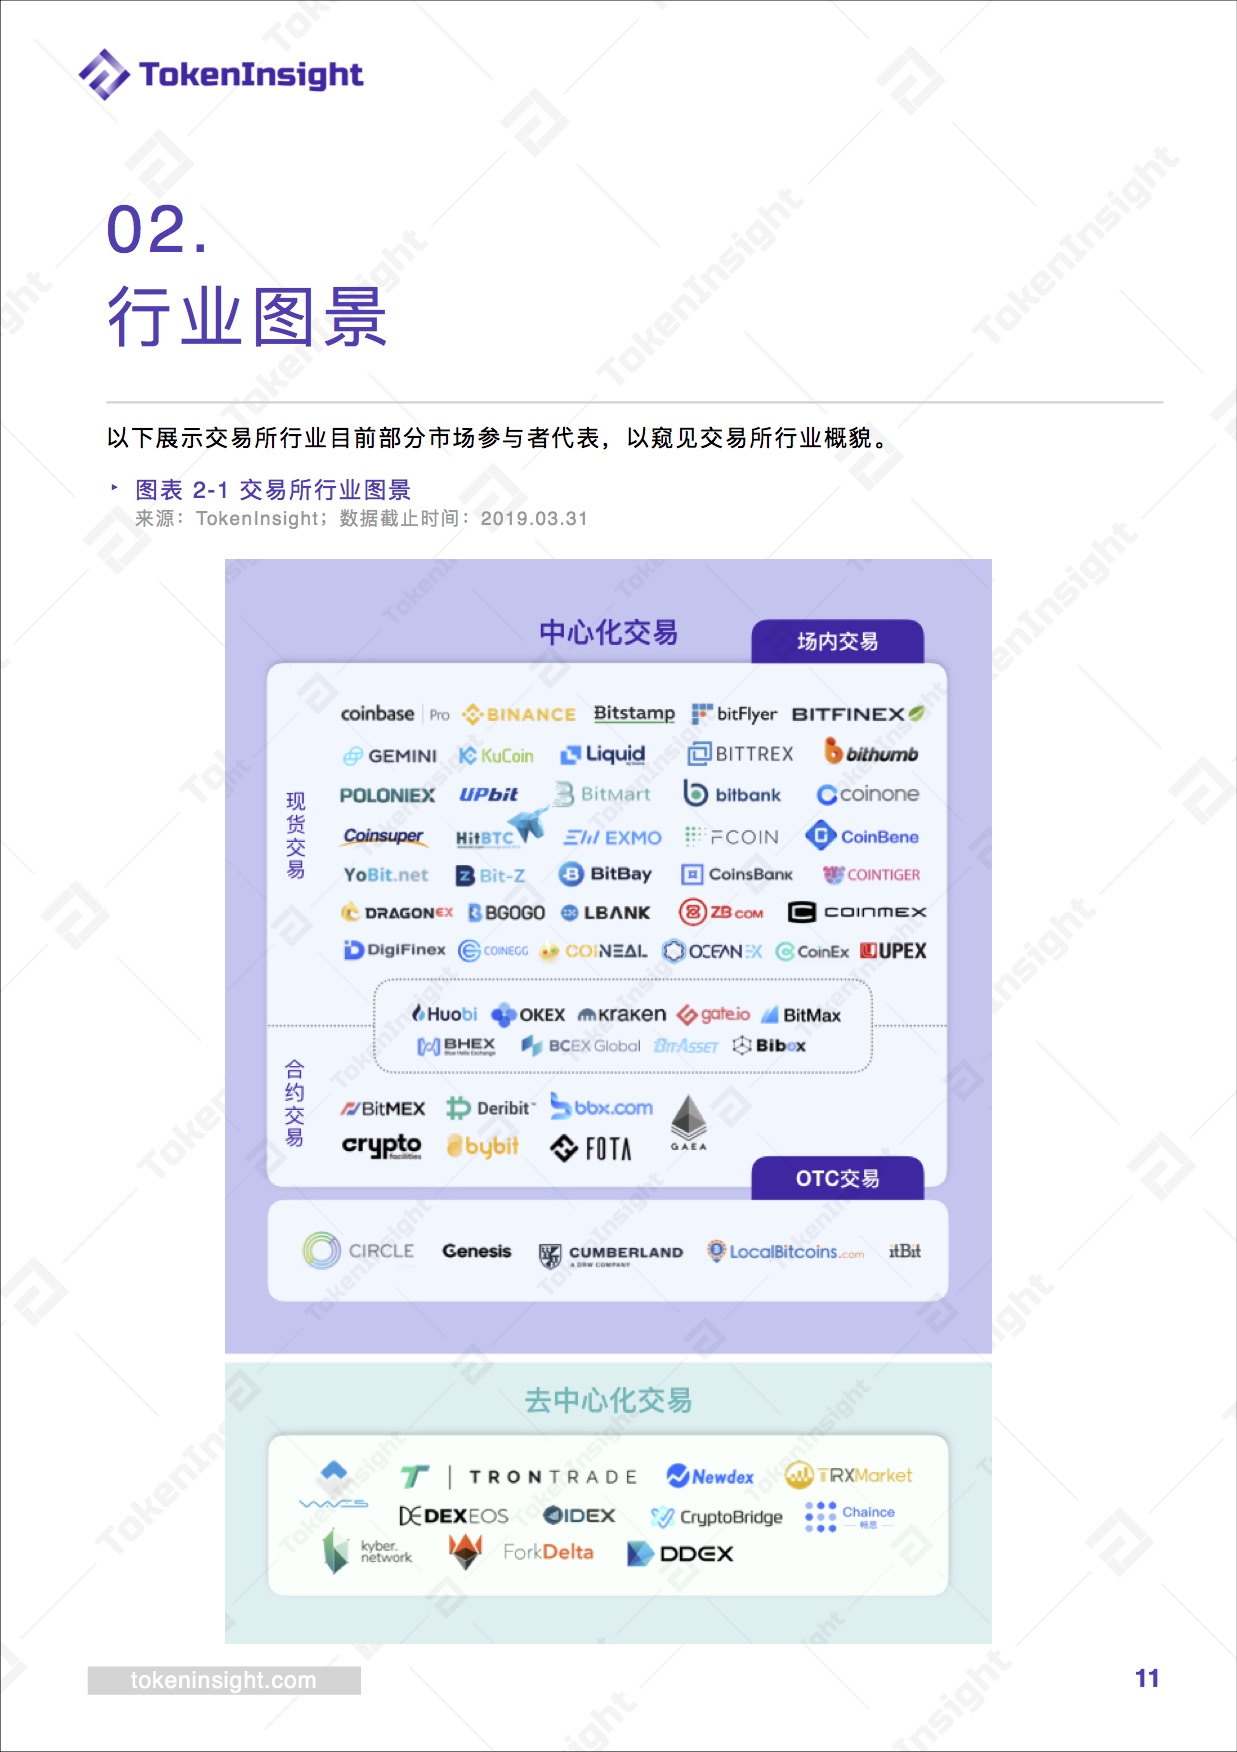 交易所行业2019 Q1报告暨评级更新   TokenInsight